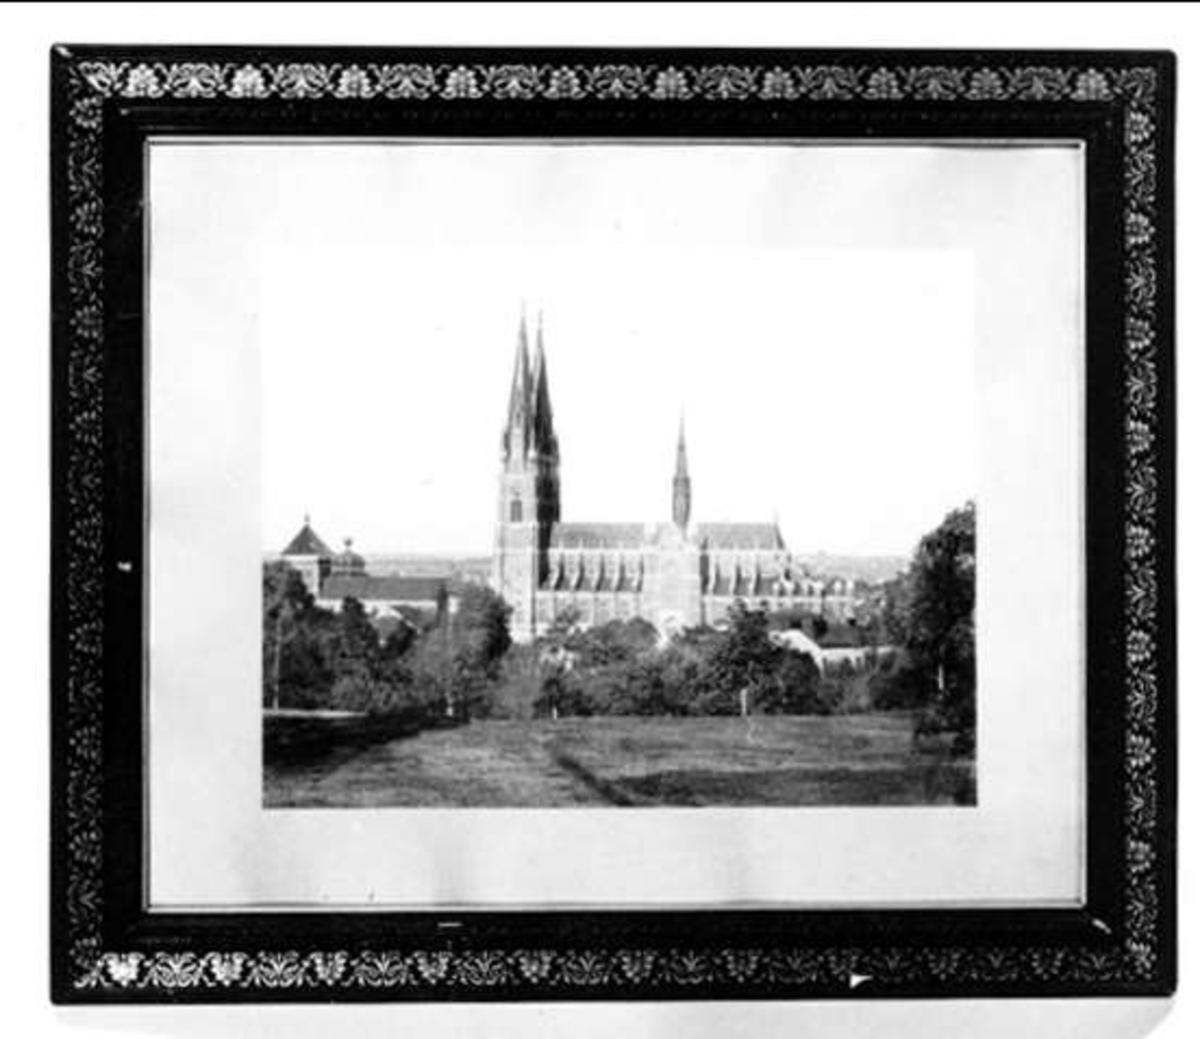 Bruntonat fotografi av Uppsala domkyrka och Helga Trefaldighets kyrka från Uppsala slott.